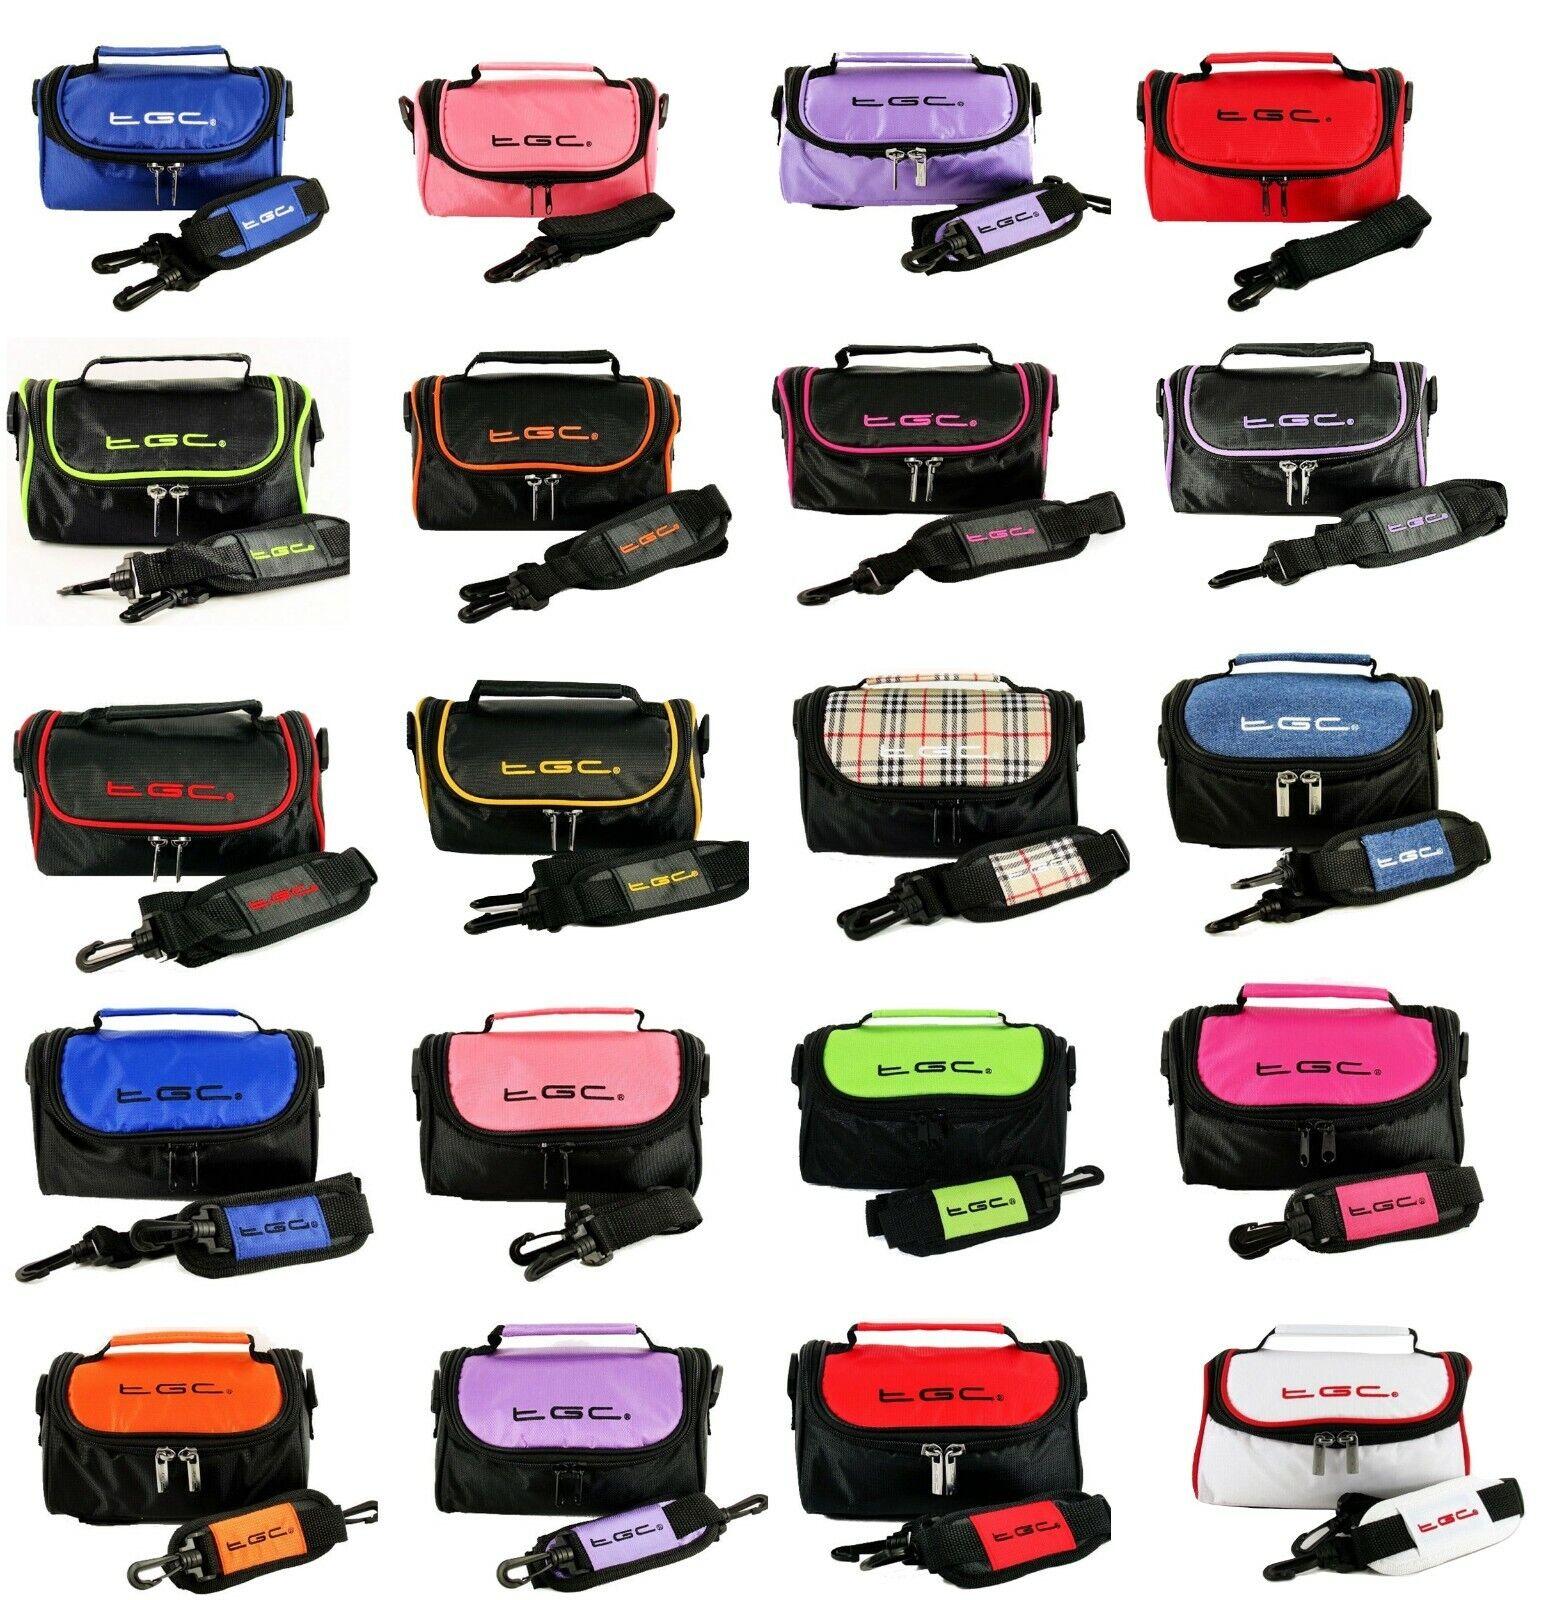 New Canon PowerShot SX620 HS Camera Shoulder Case Bag by TGC ®